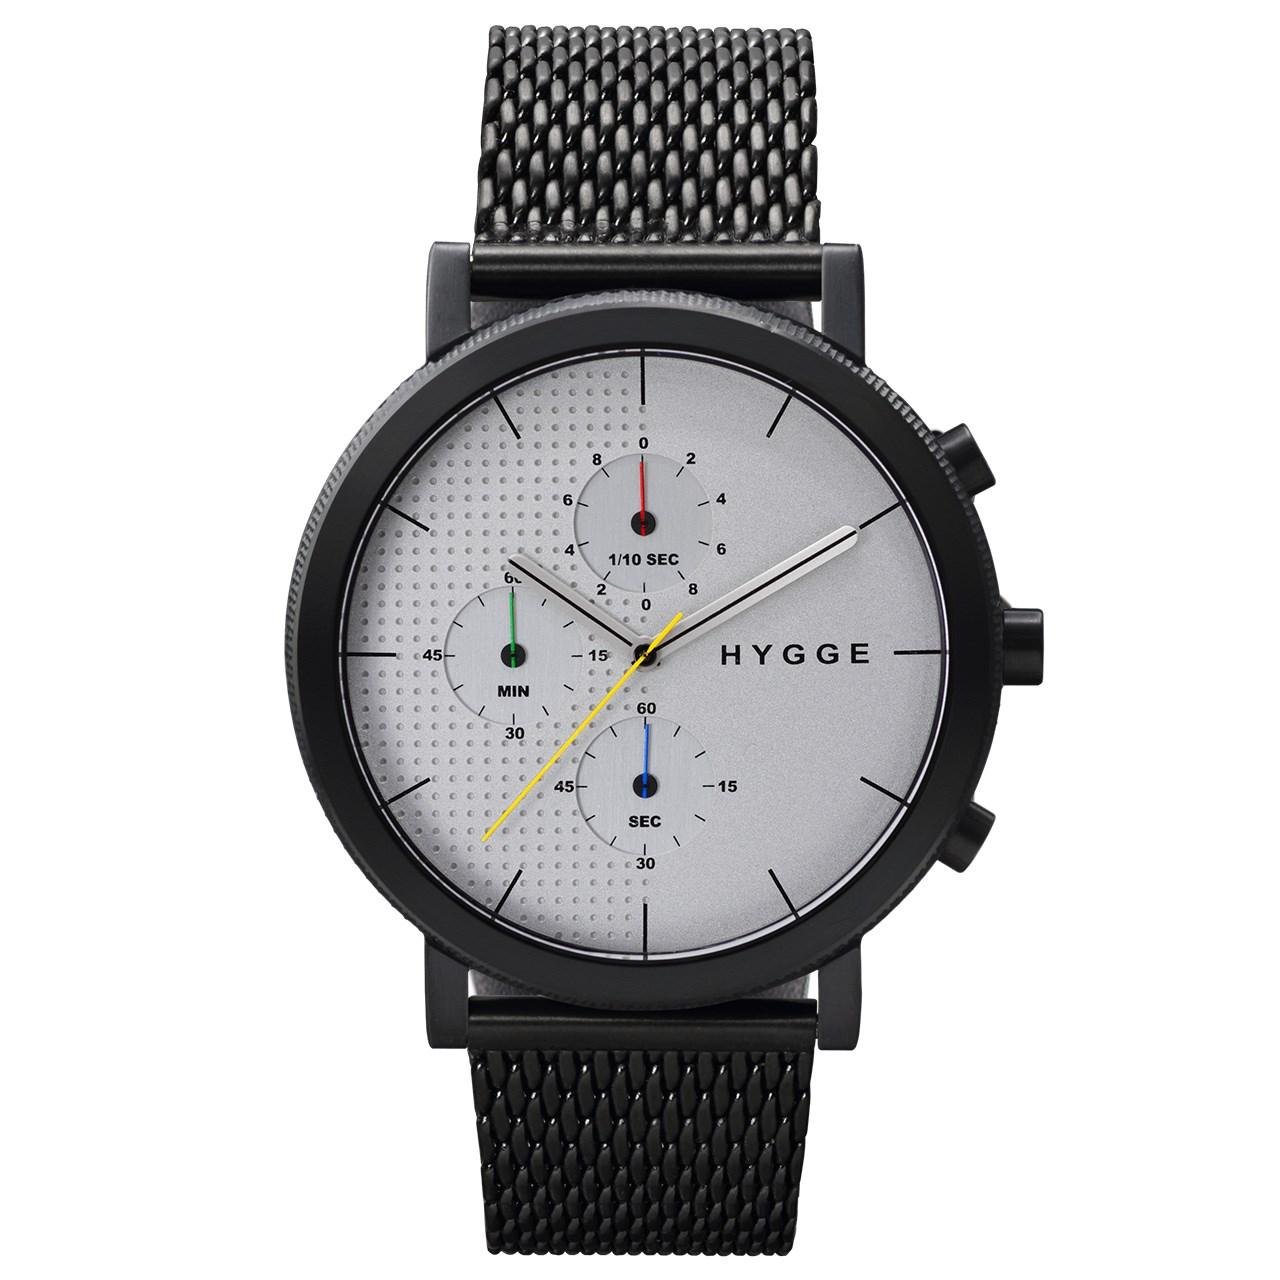 ساعت مچی عقربه ای مردانه هیگه مدل MSM2204BC-CH